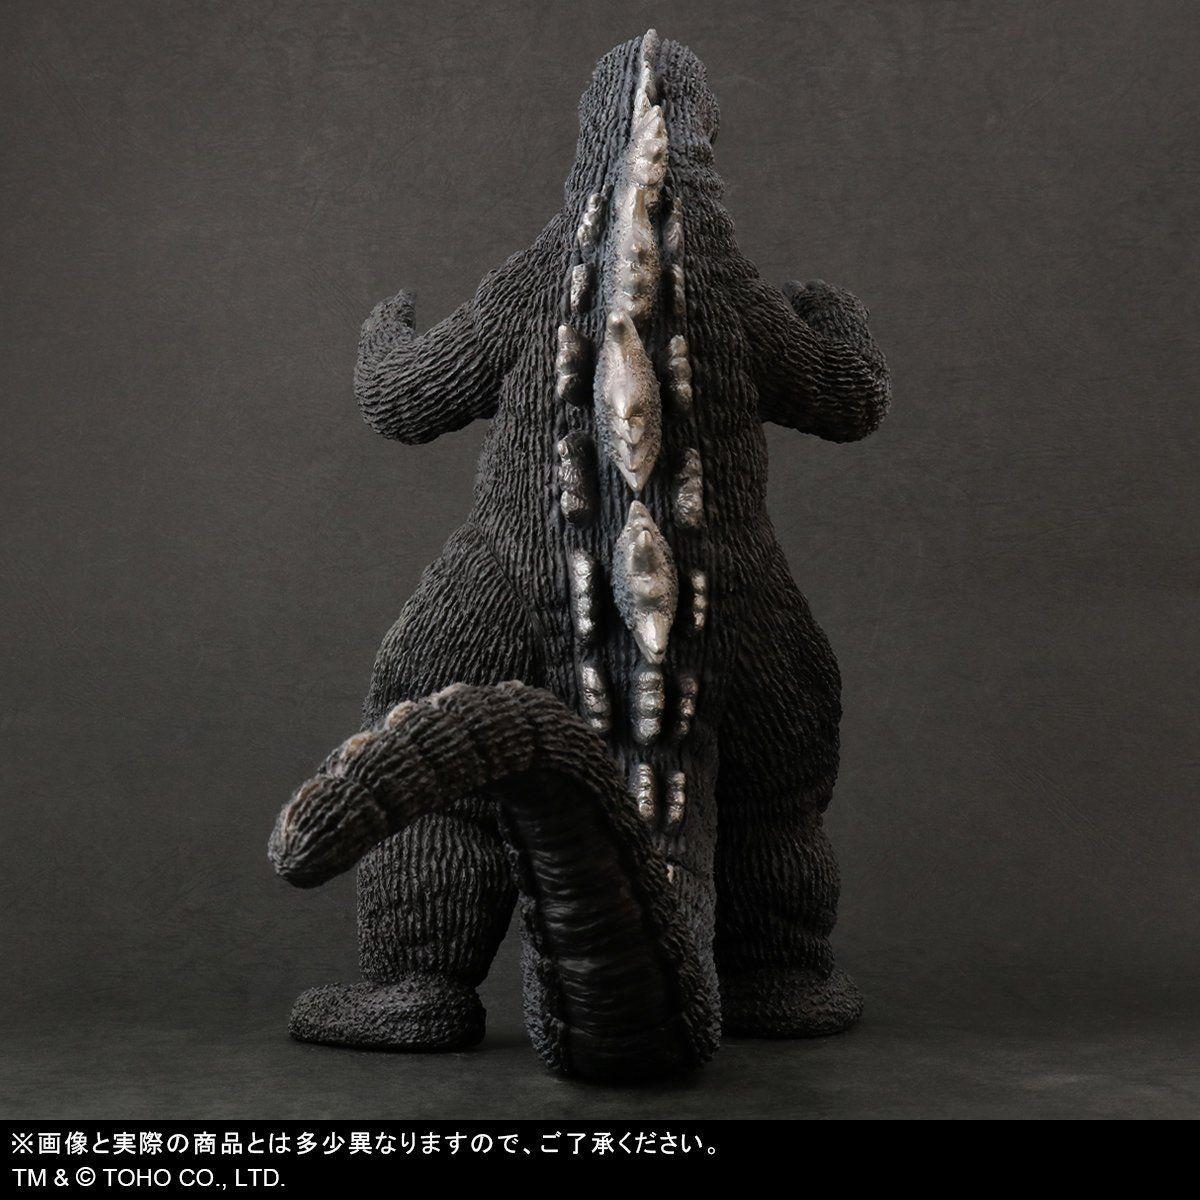 東宝30cmシリーズ『ゴジラ(1975)発光Ver.』メカゴジラの逆襲 完成品フィギュア-006